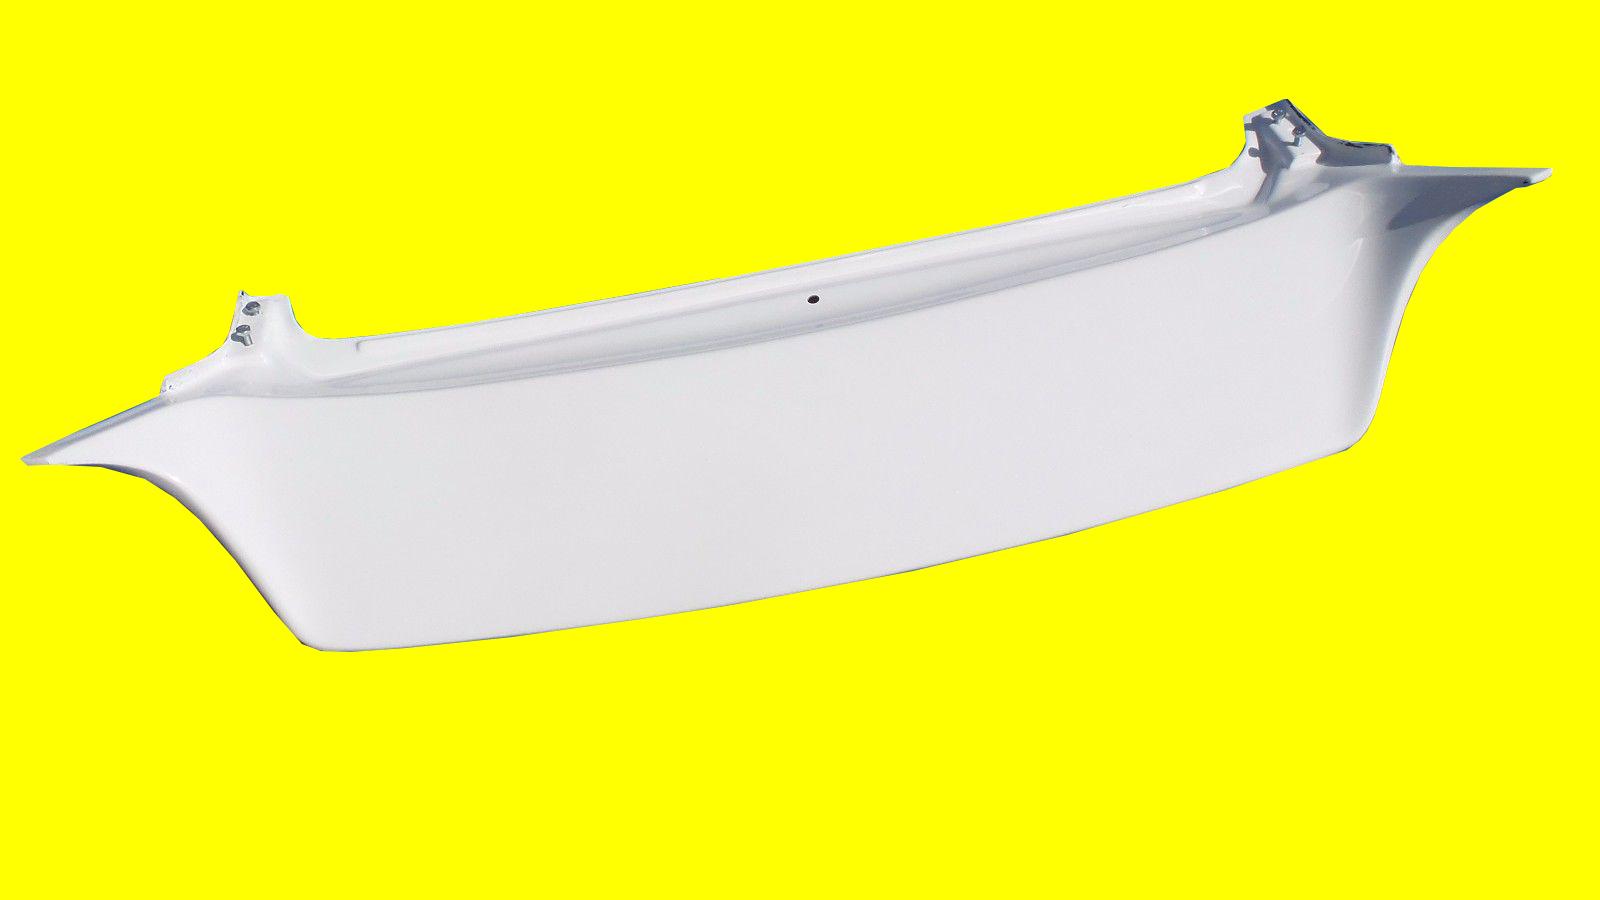 White Fiber Glass Spoiler Fits 88 91 Civic Hb J Style 3 Door Ef9 1992 Honda